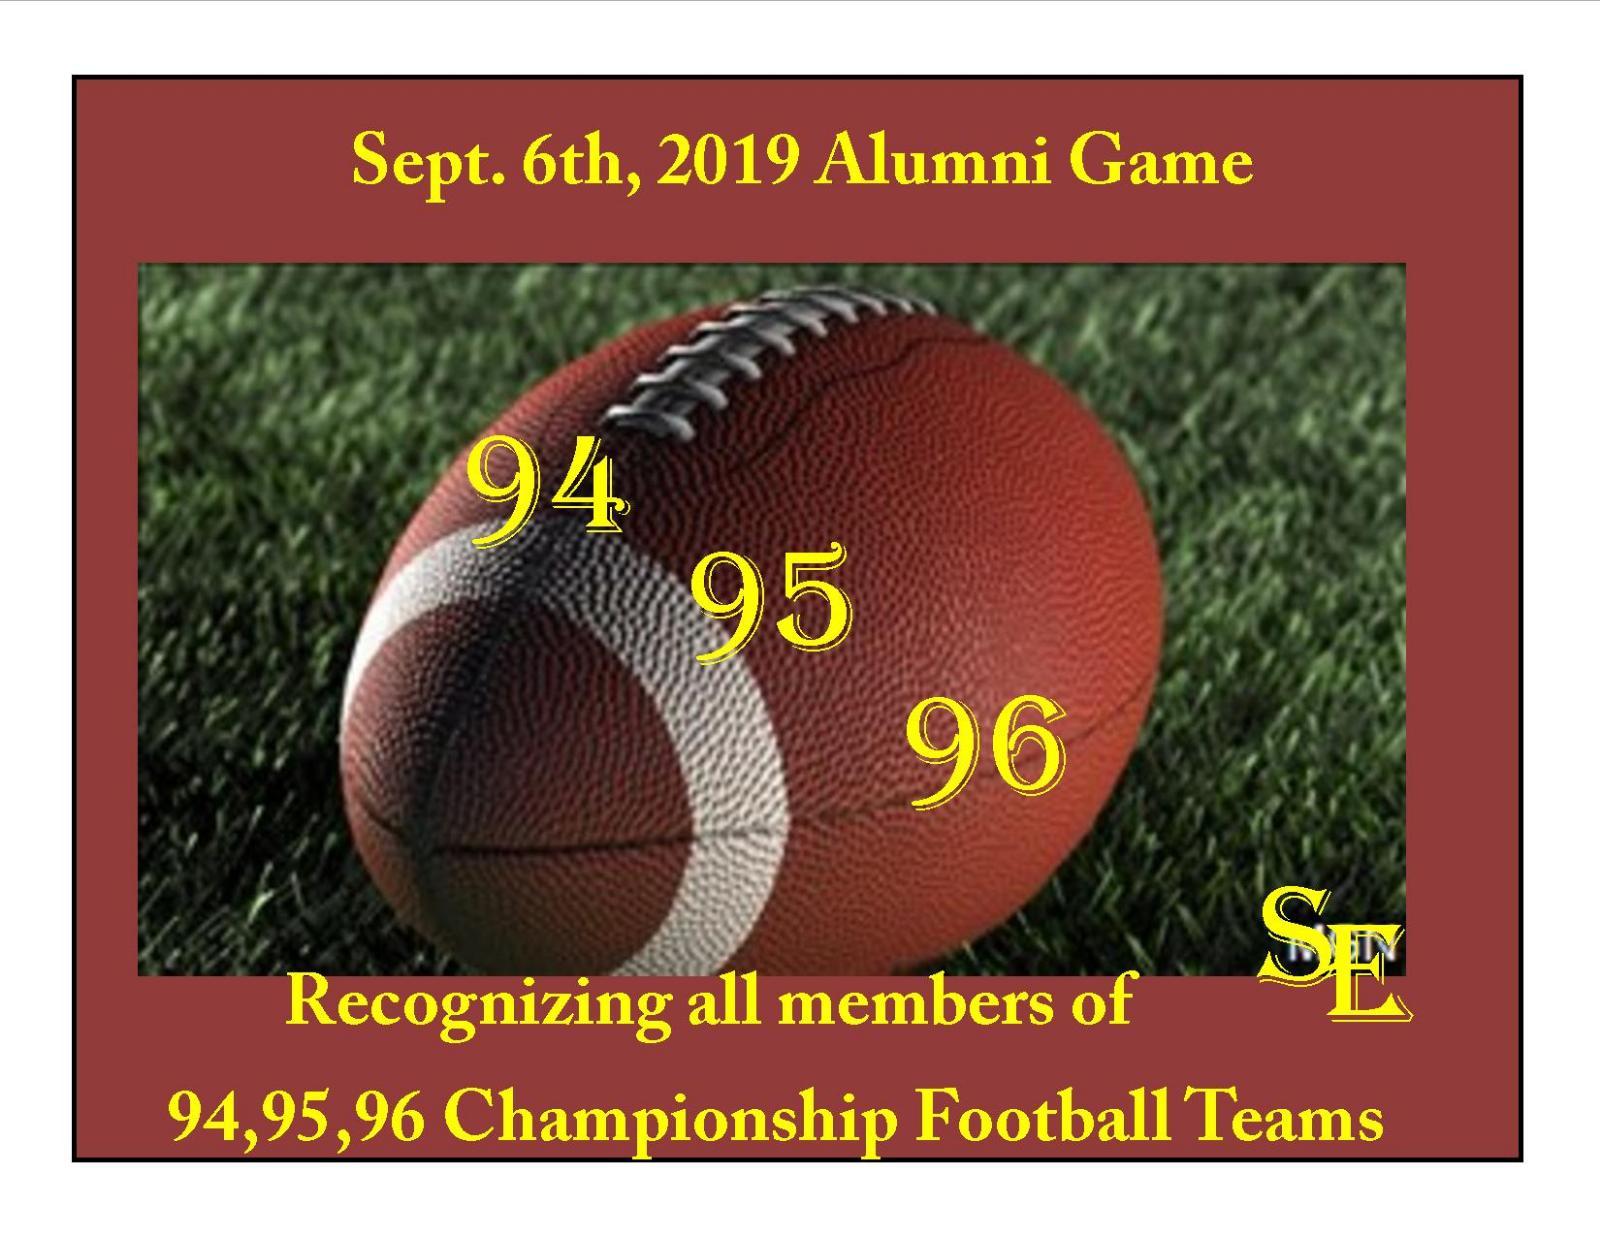 Friday Sept. 6th 2019 Alumni Night!!!